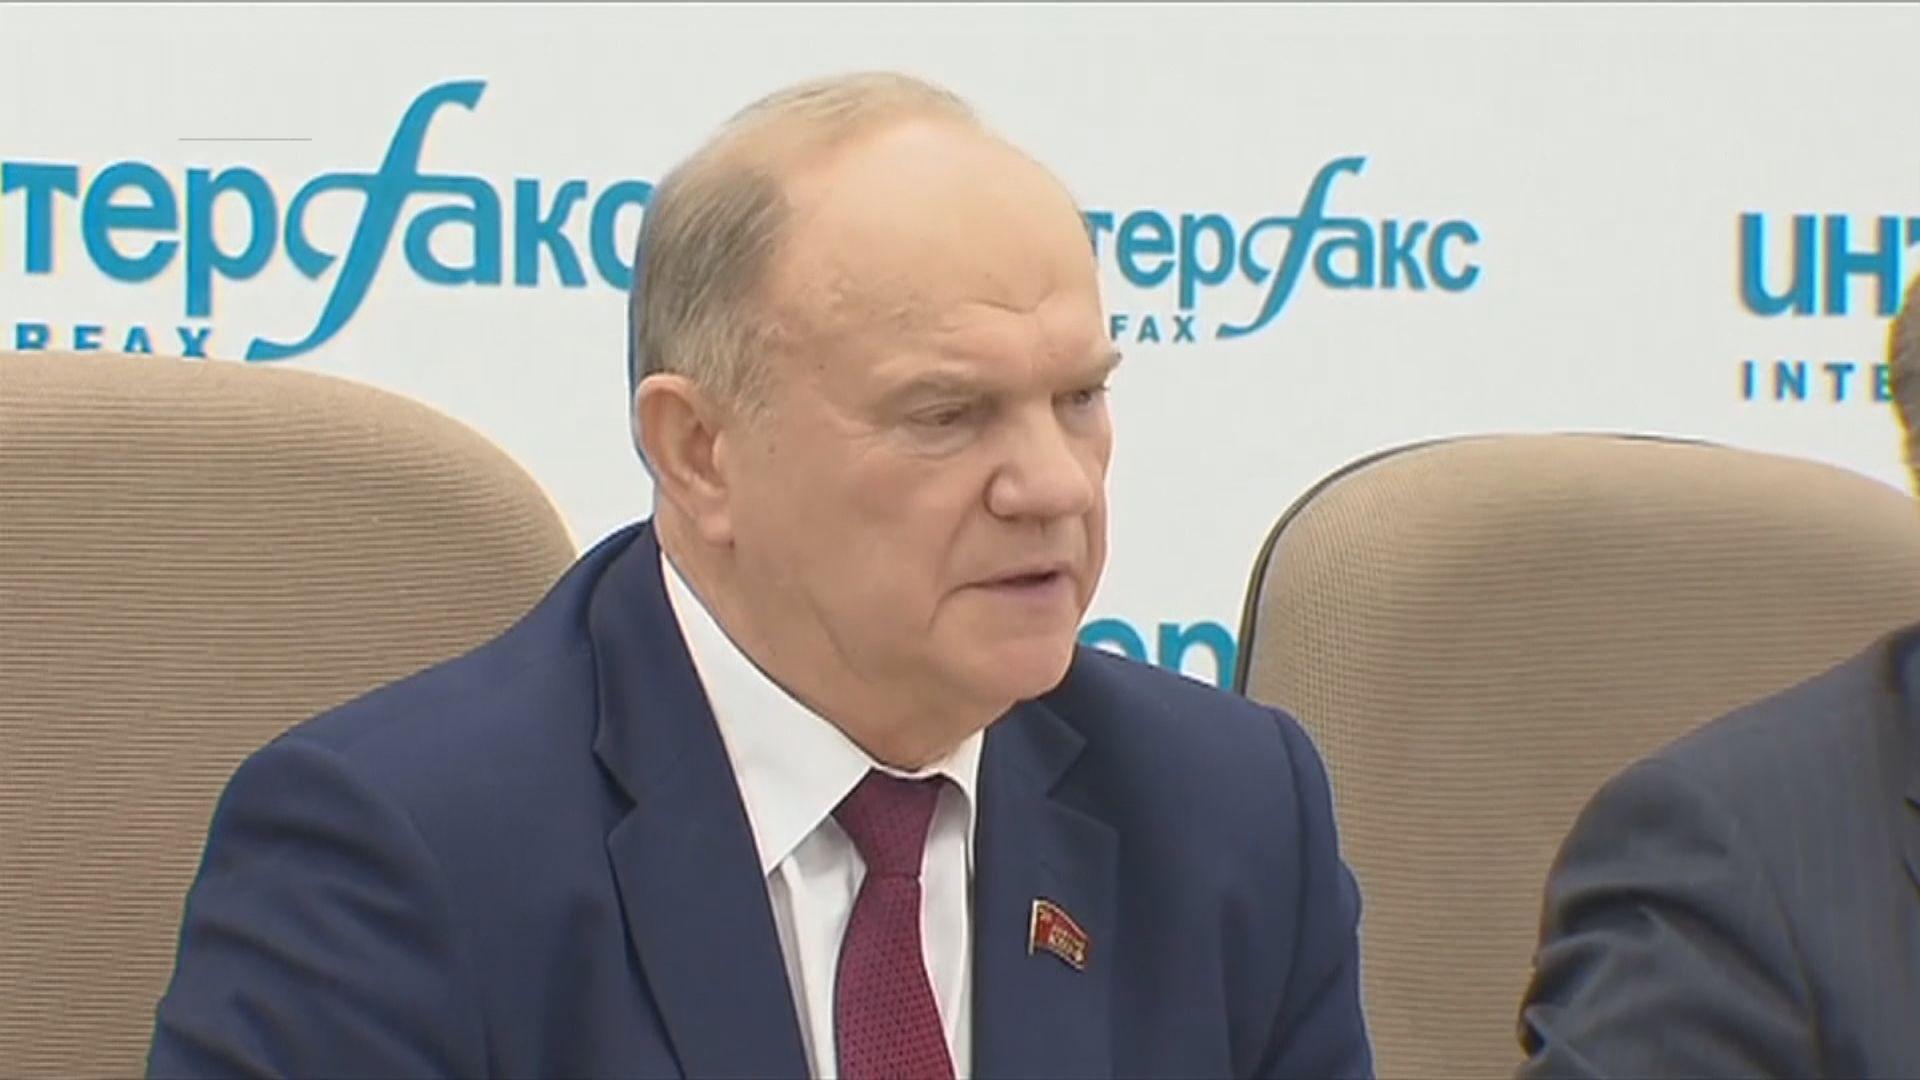 俄羅斯駐美大使啟程赴美